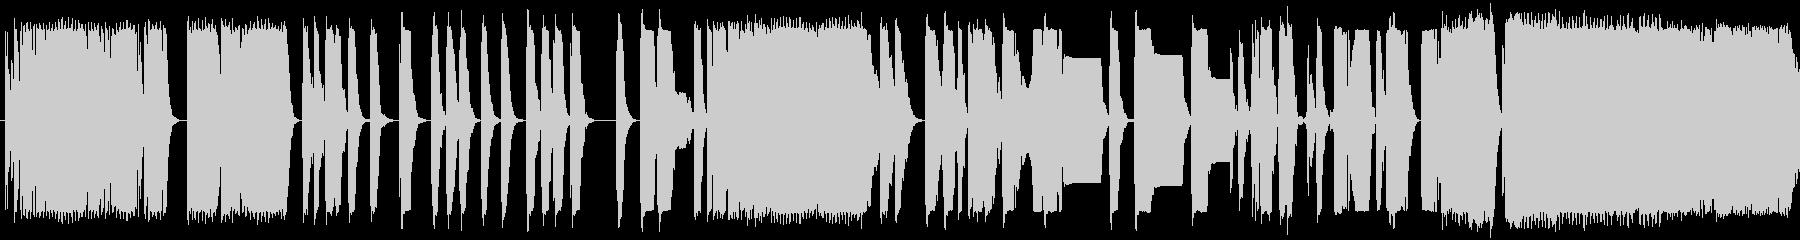 レーザーがさまざまな低音に当たるの未再生の波形